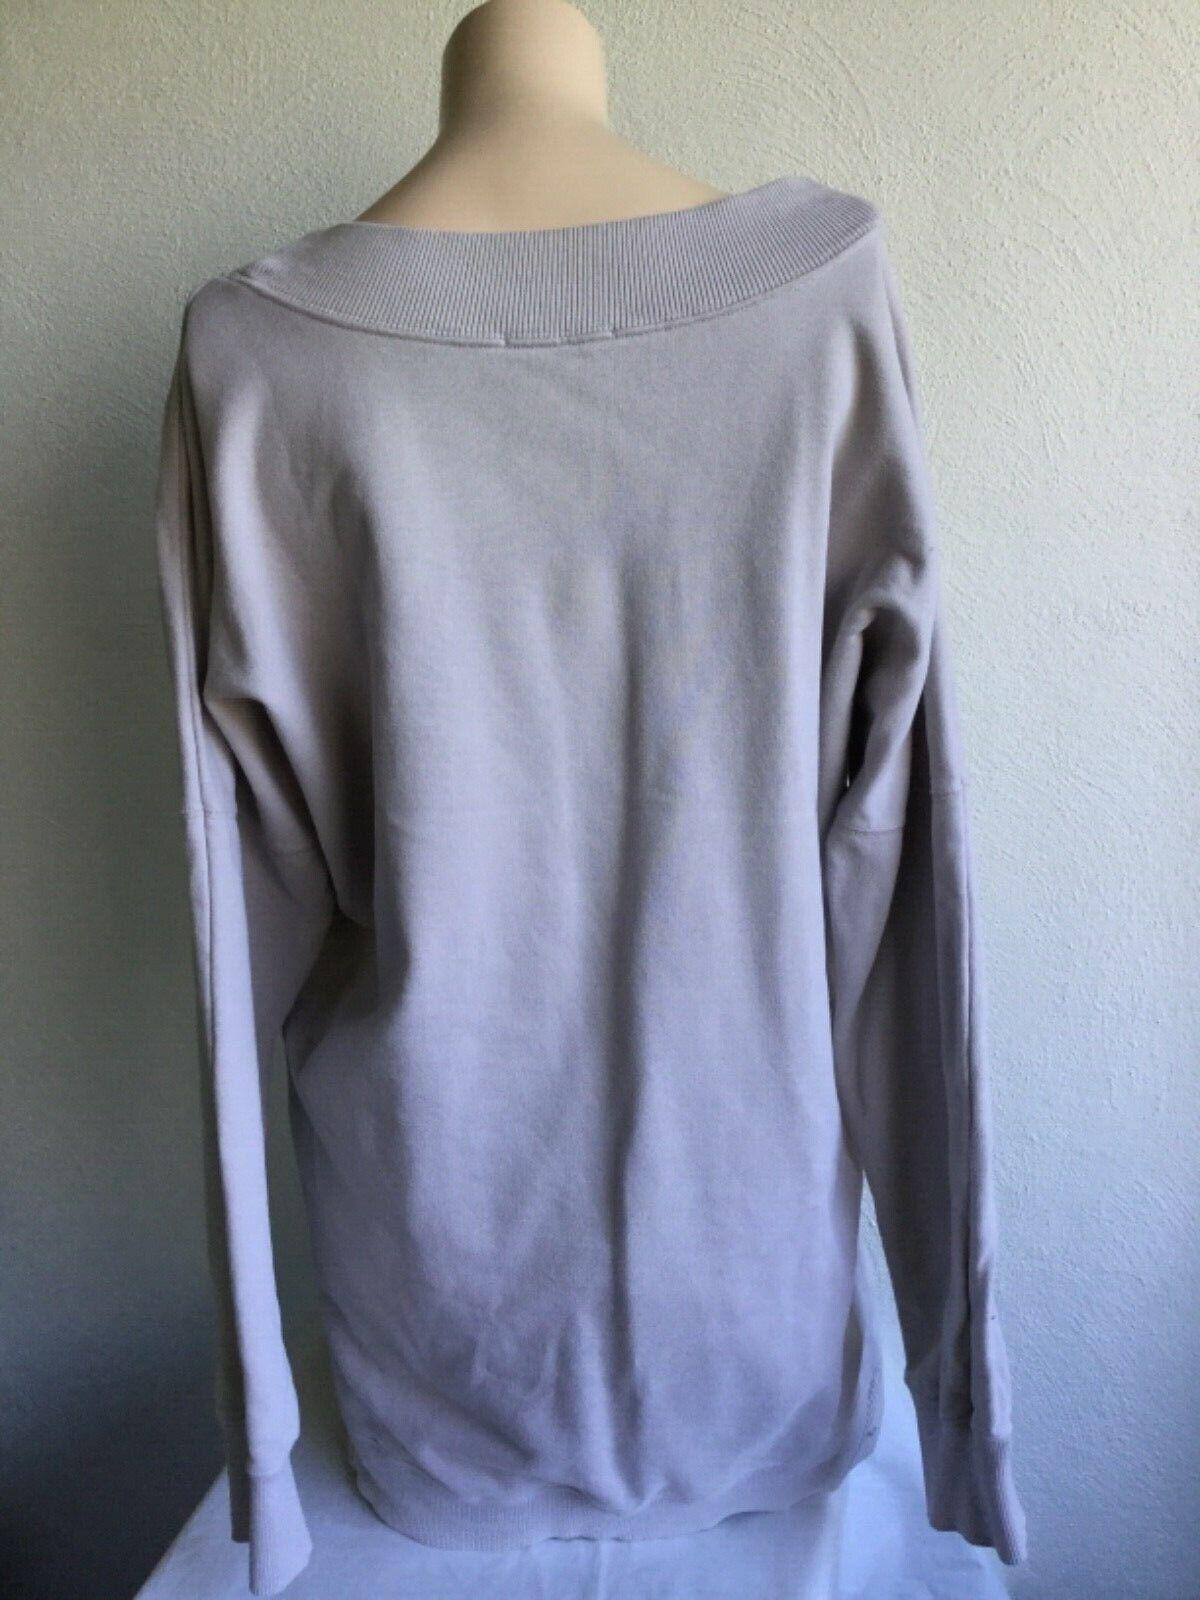 CLOSED Shirt oberteil Pullover Gr. M neuw. | Online Online Online Kaufen  | Passend In Der Farbe  | Schöne Farbe  f9206d